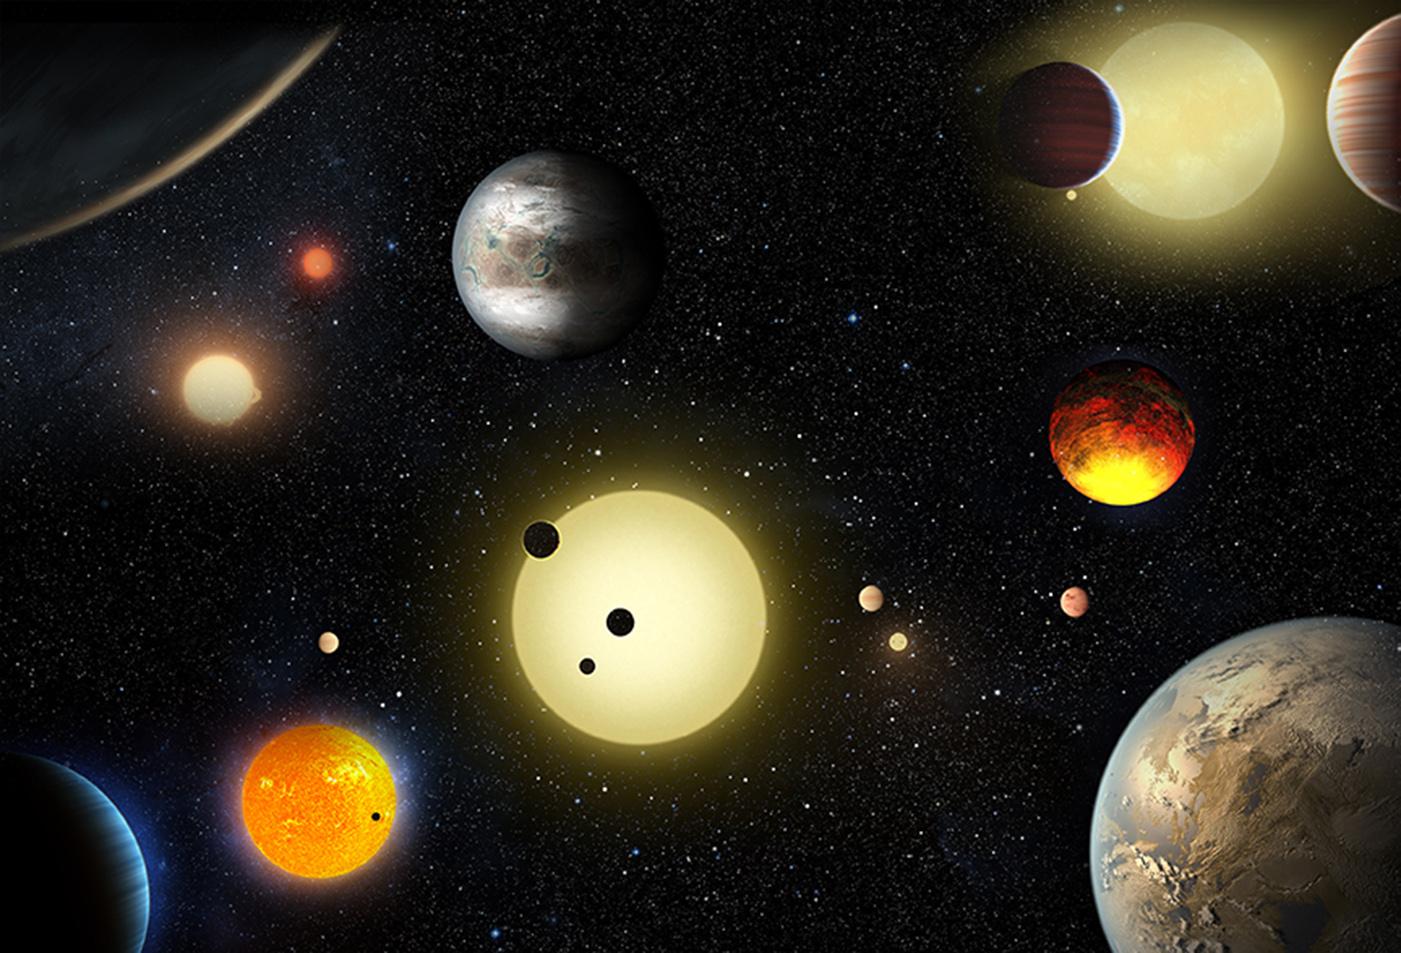 Święty Graal kosmosu jest coraz bliżej. Kepler odkrył 1200 nowych planet pozasłonecznych